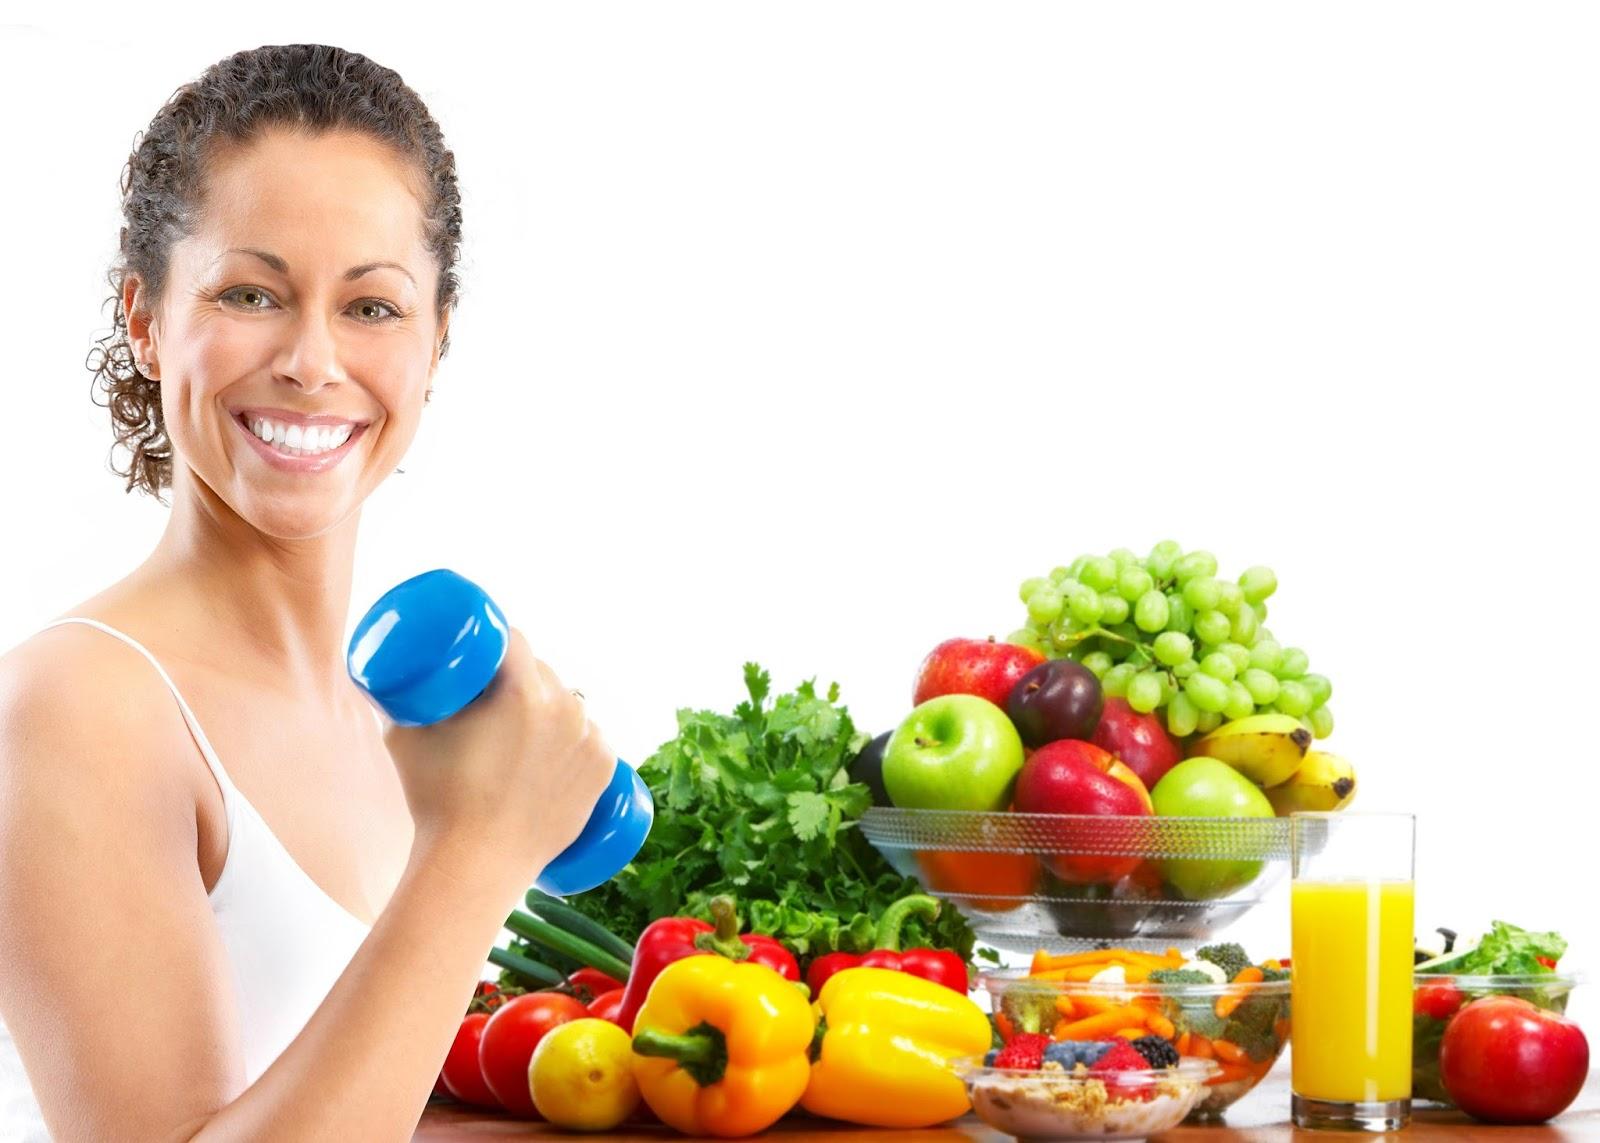 Hasil gambar untuk Gaya Hidup Sehat Bisa Anda Mulai Sekarang